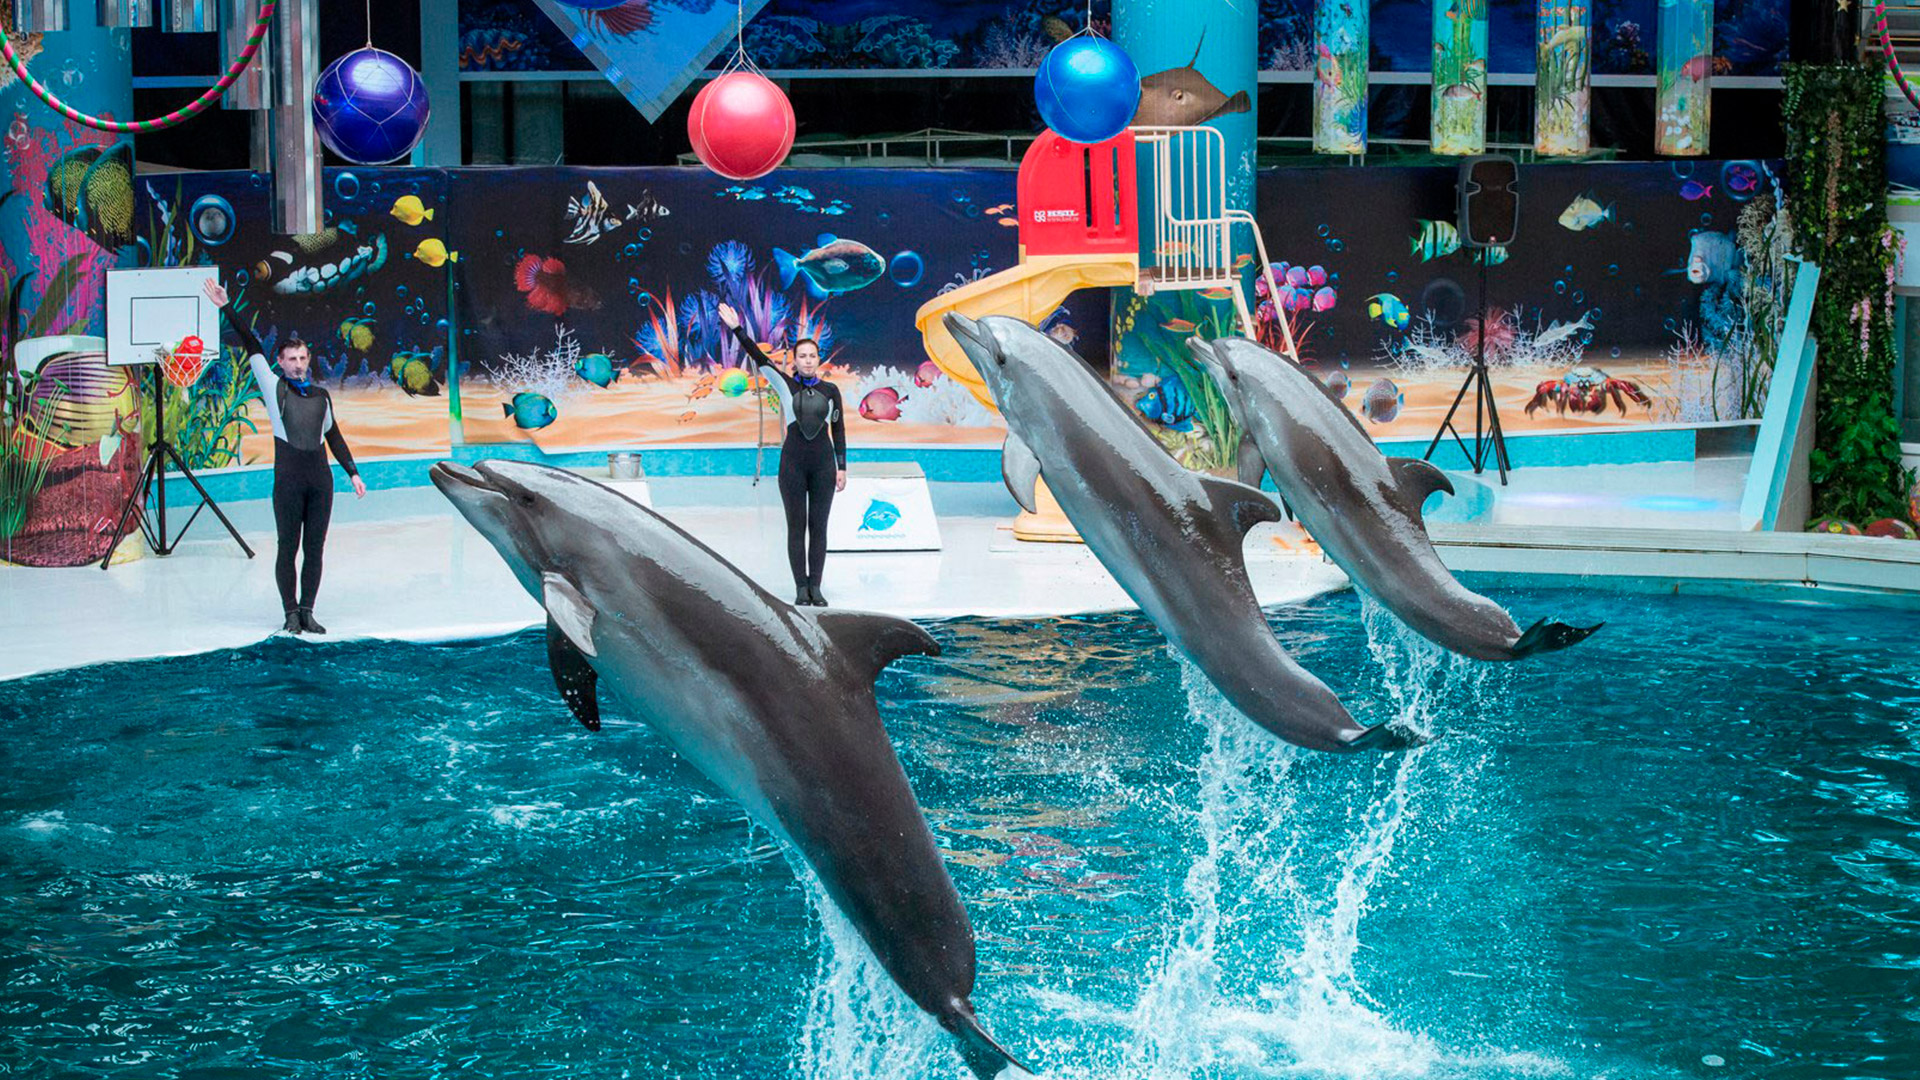 сделана евпатория дельфинарий фото скульптура выполнена множества